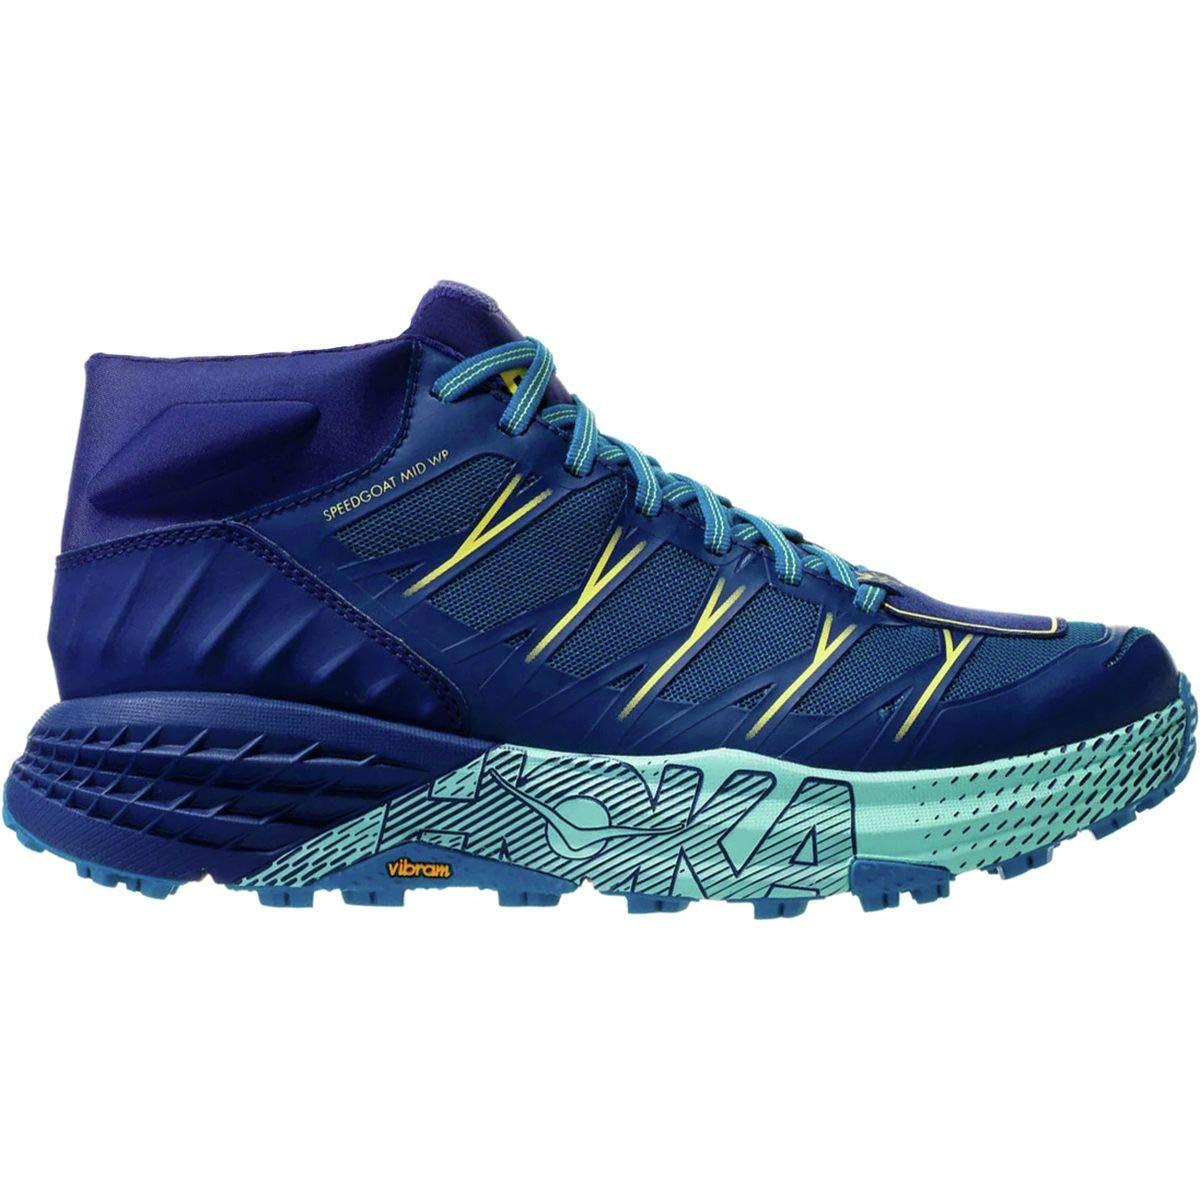 【即日発送】 [ホッカオネオネ] レディース ランニング 6.5 Speedgoat Mid B07P1R6BT2 WP WP Trail Run Shoe [並行輸入品] B07P1R6BT2 6.5, nine store:a7a6ac1f --- mswebserv.com